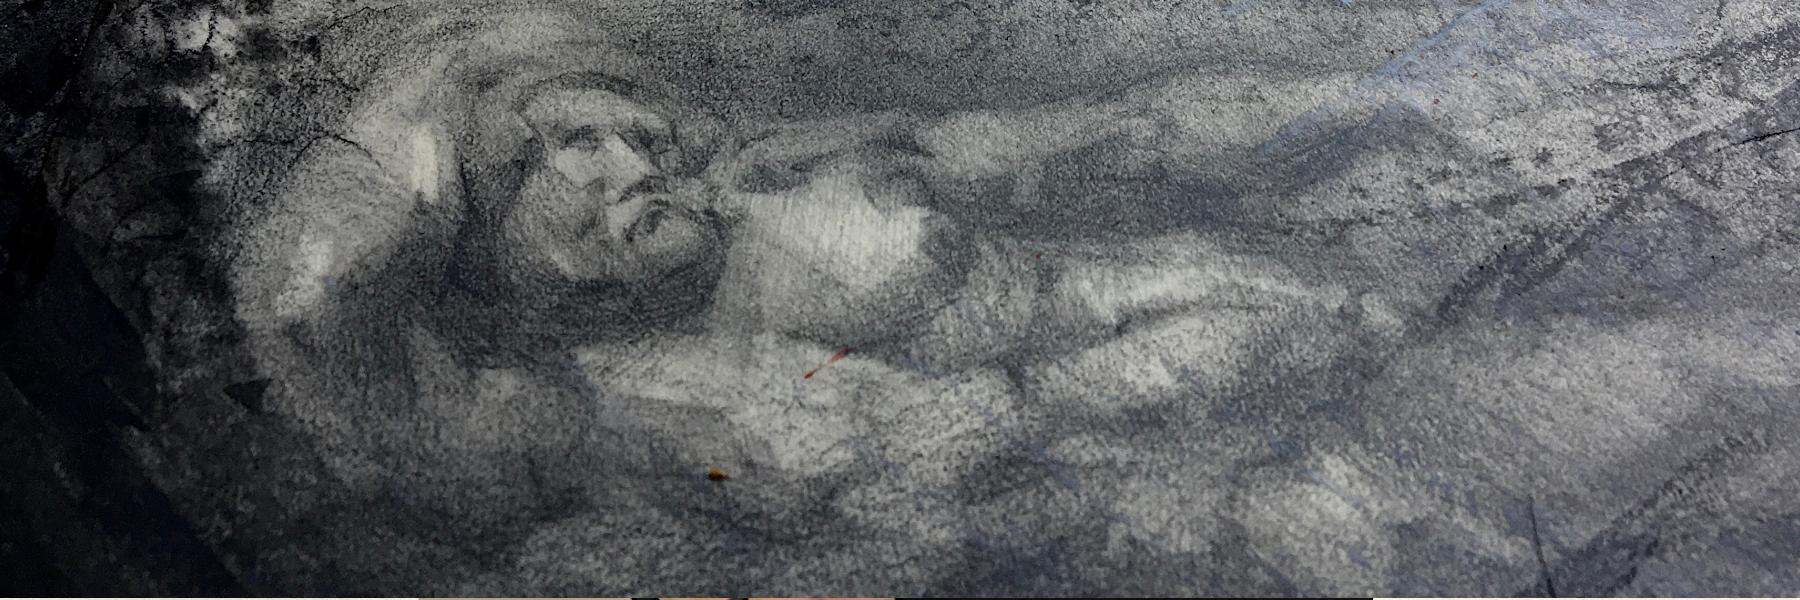 Sonja Bunes Kollasj av tanker og tegning